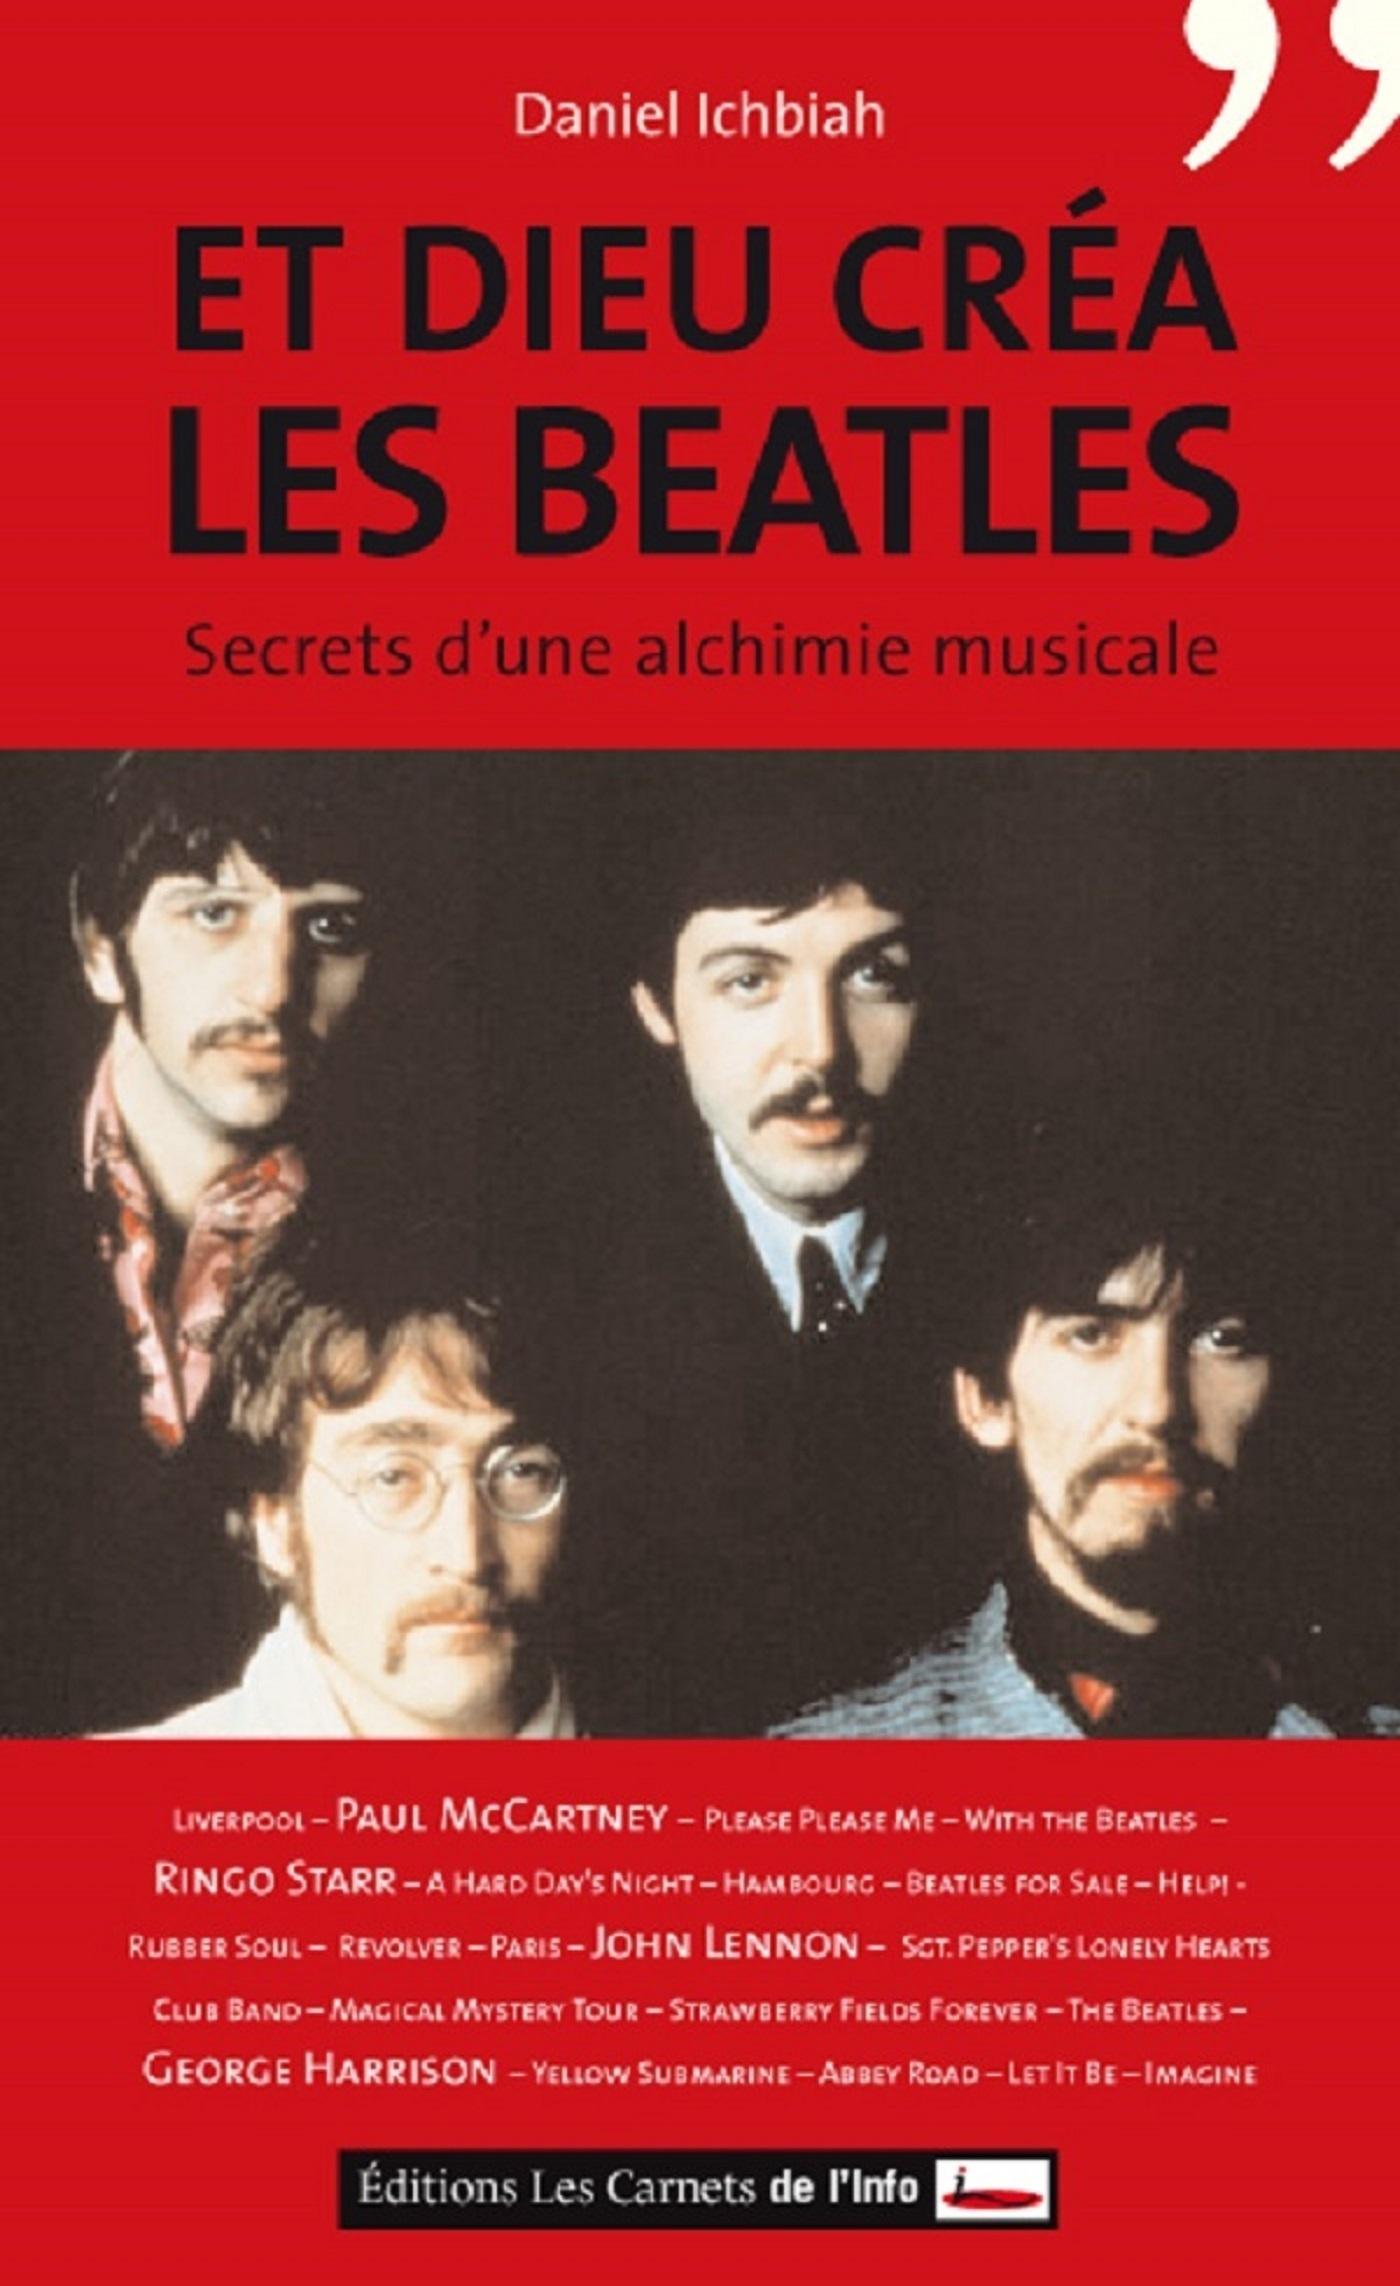 Et Dieu créa les Beatles. Secret d'une alchimie musicale